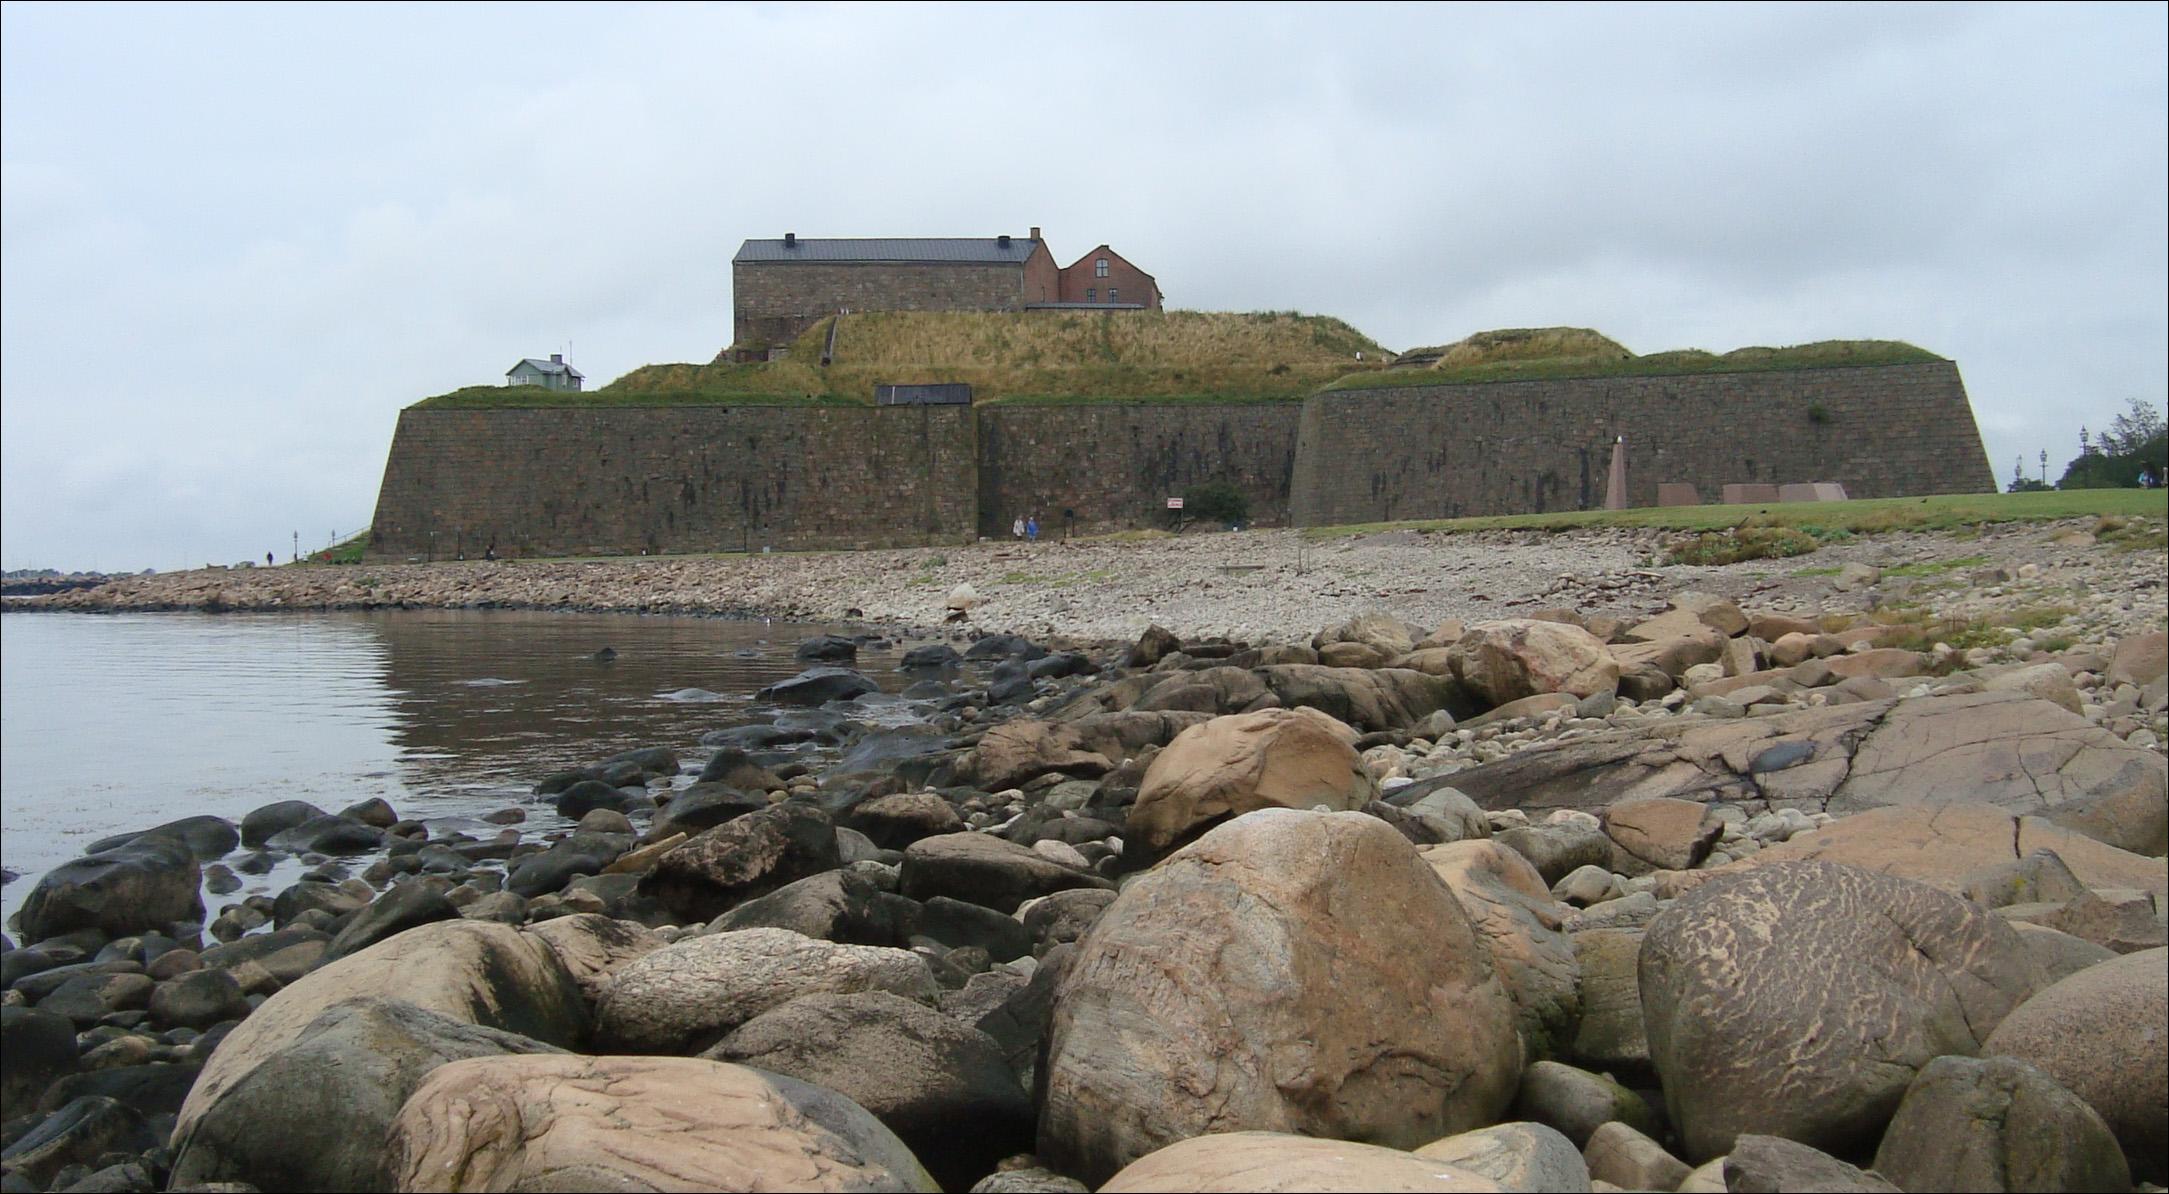 Malownicza forteca w Varberg